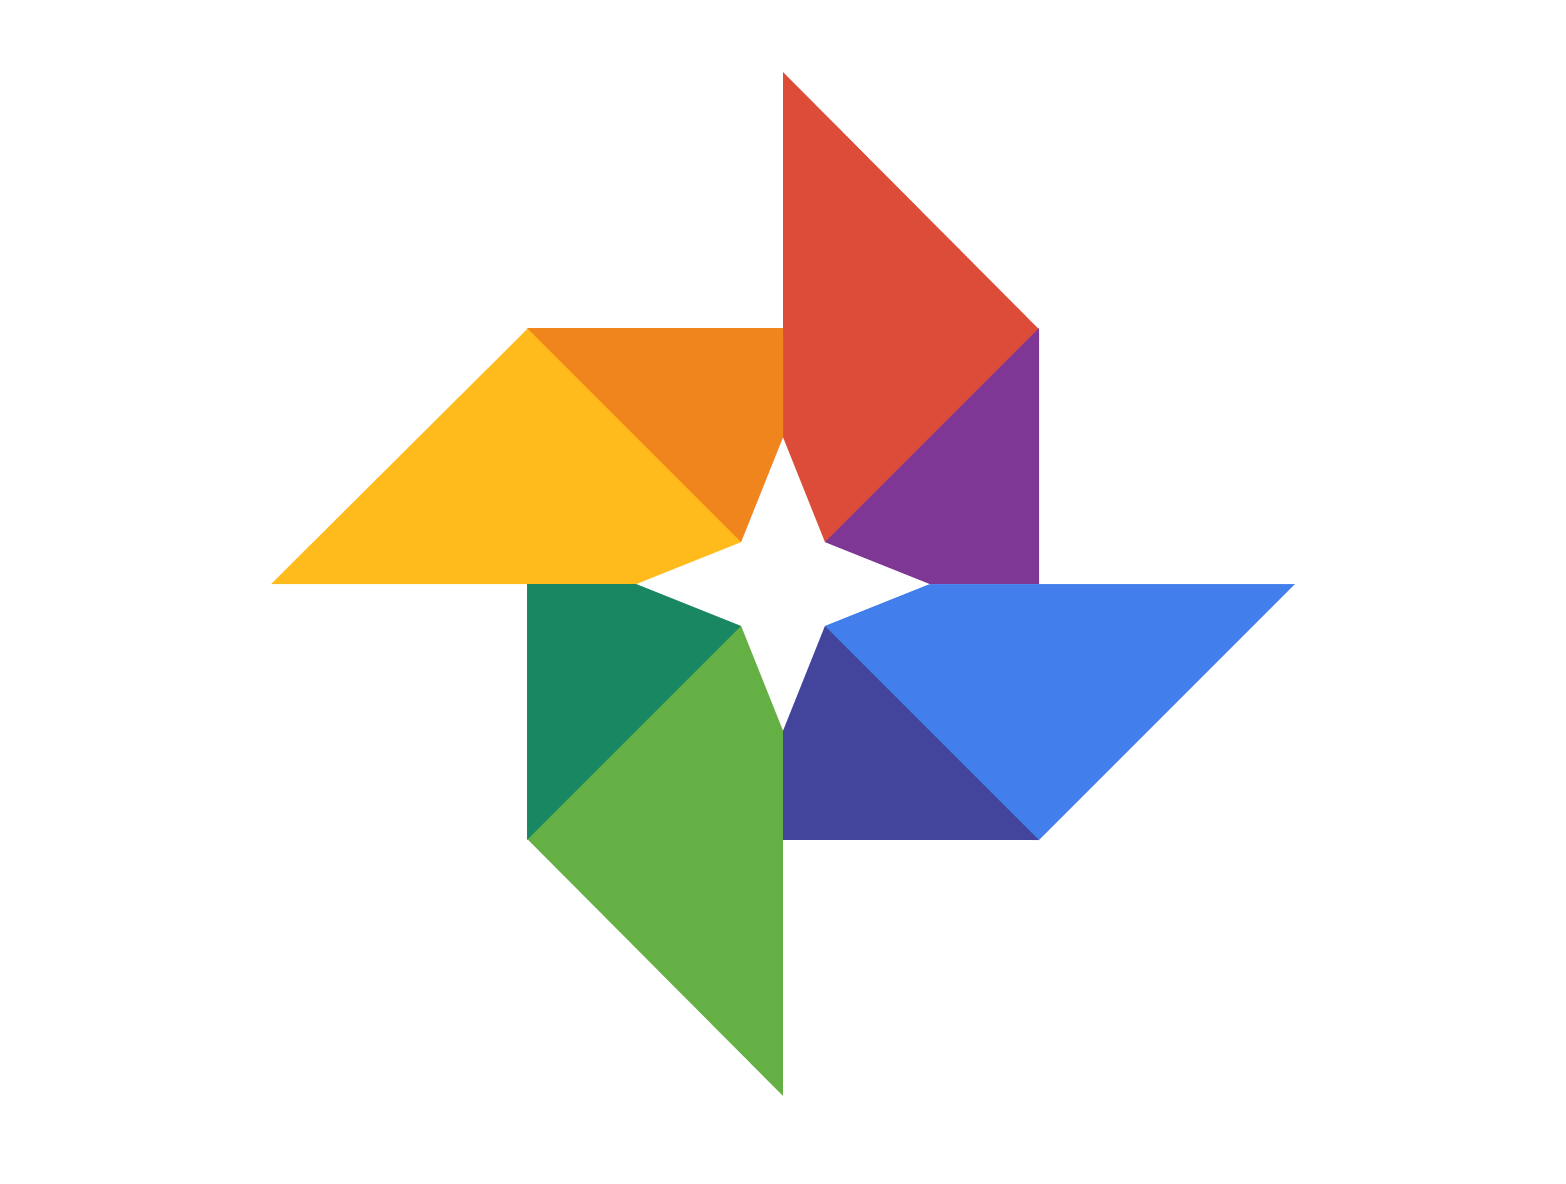 Google Photos logo